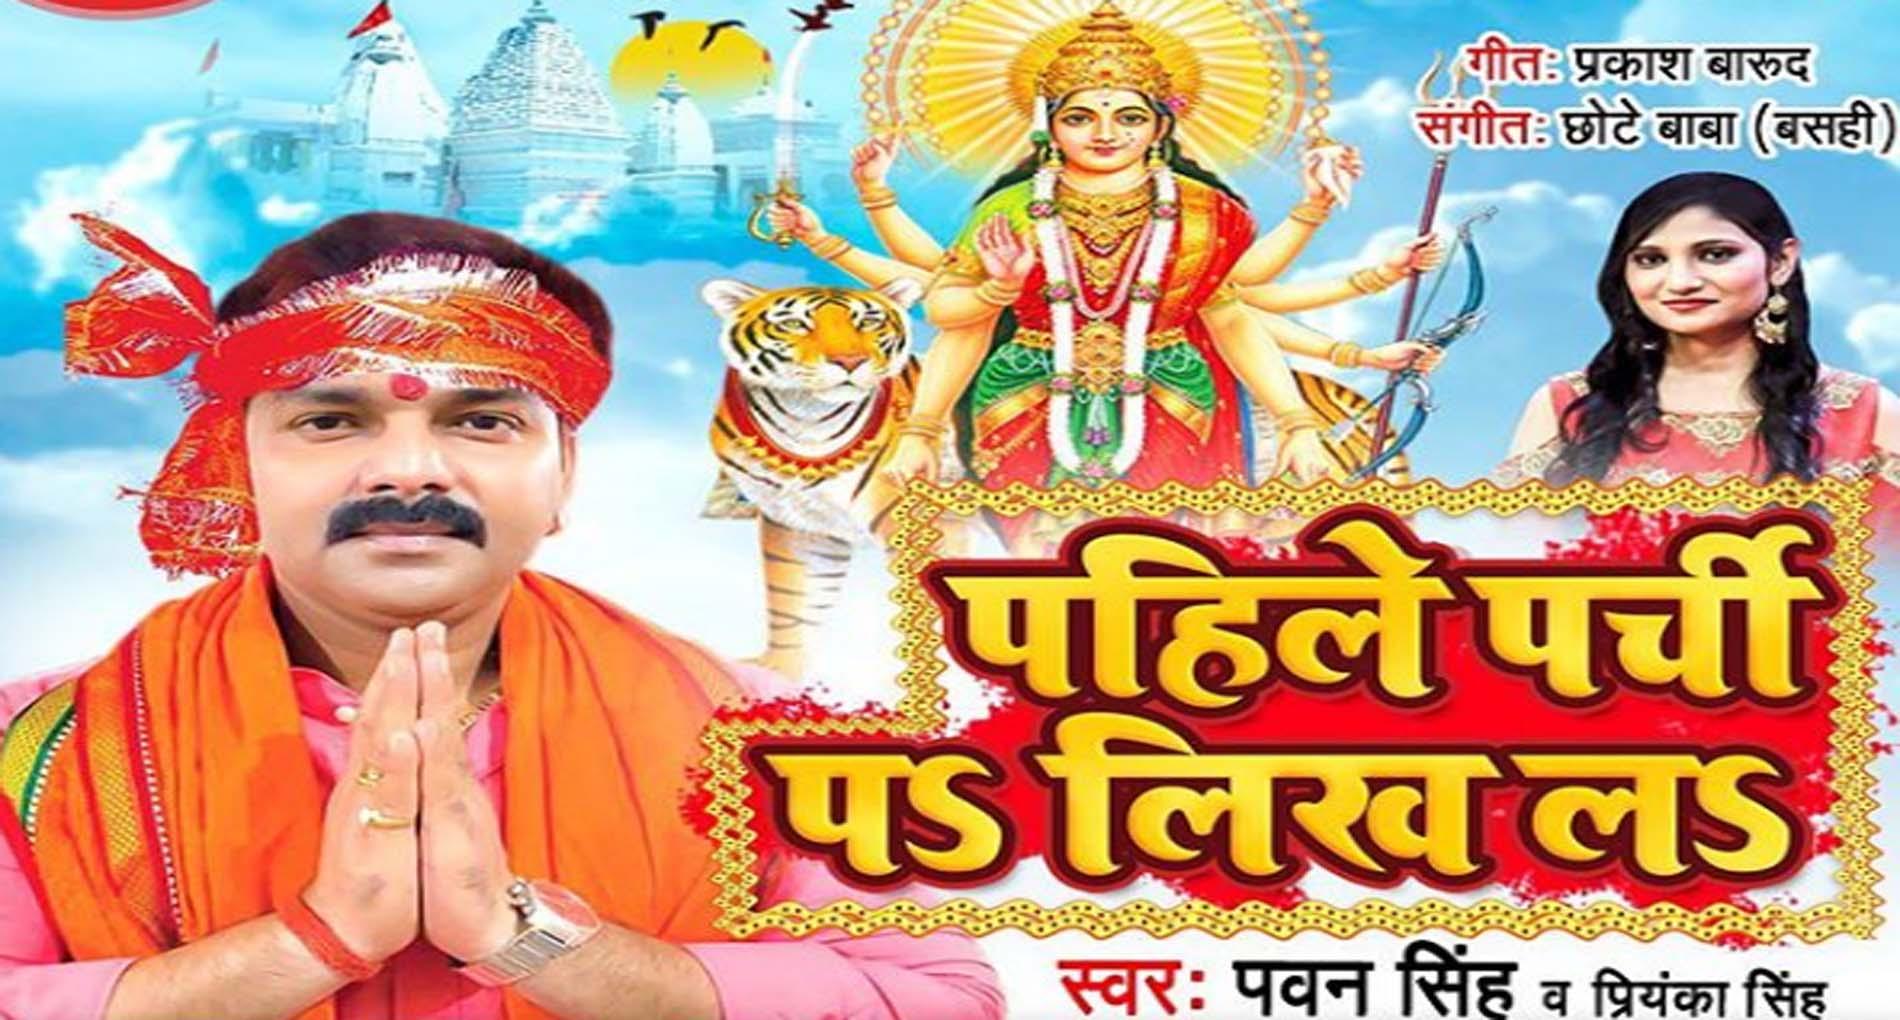 Pawan Singh Song: नवरात्र से पहले हिट हुआ पवन सिंह का नया देवी गीत 'पहले पर्ची पर लिख ला'